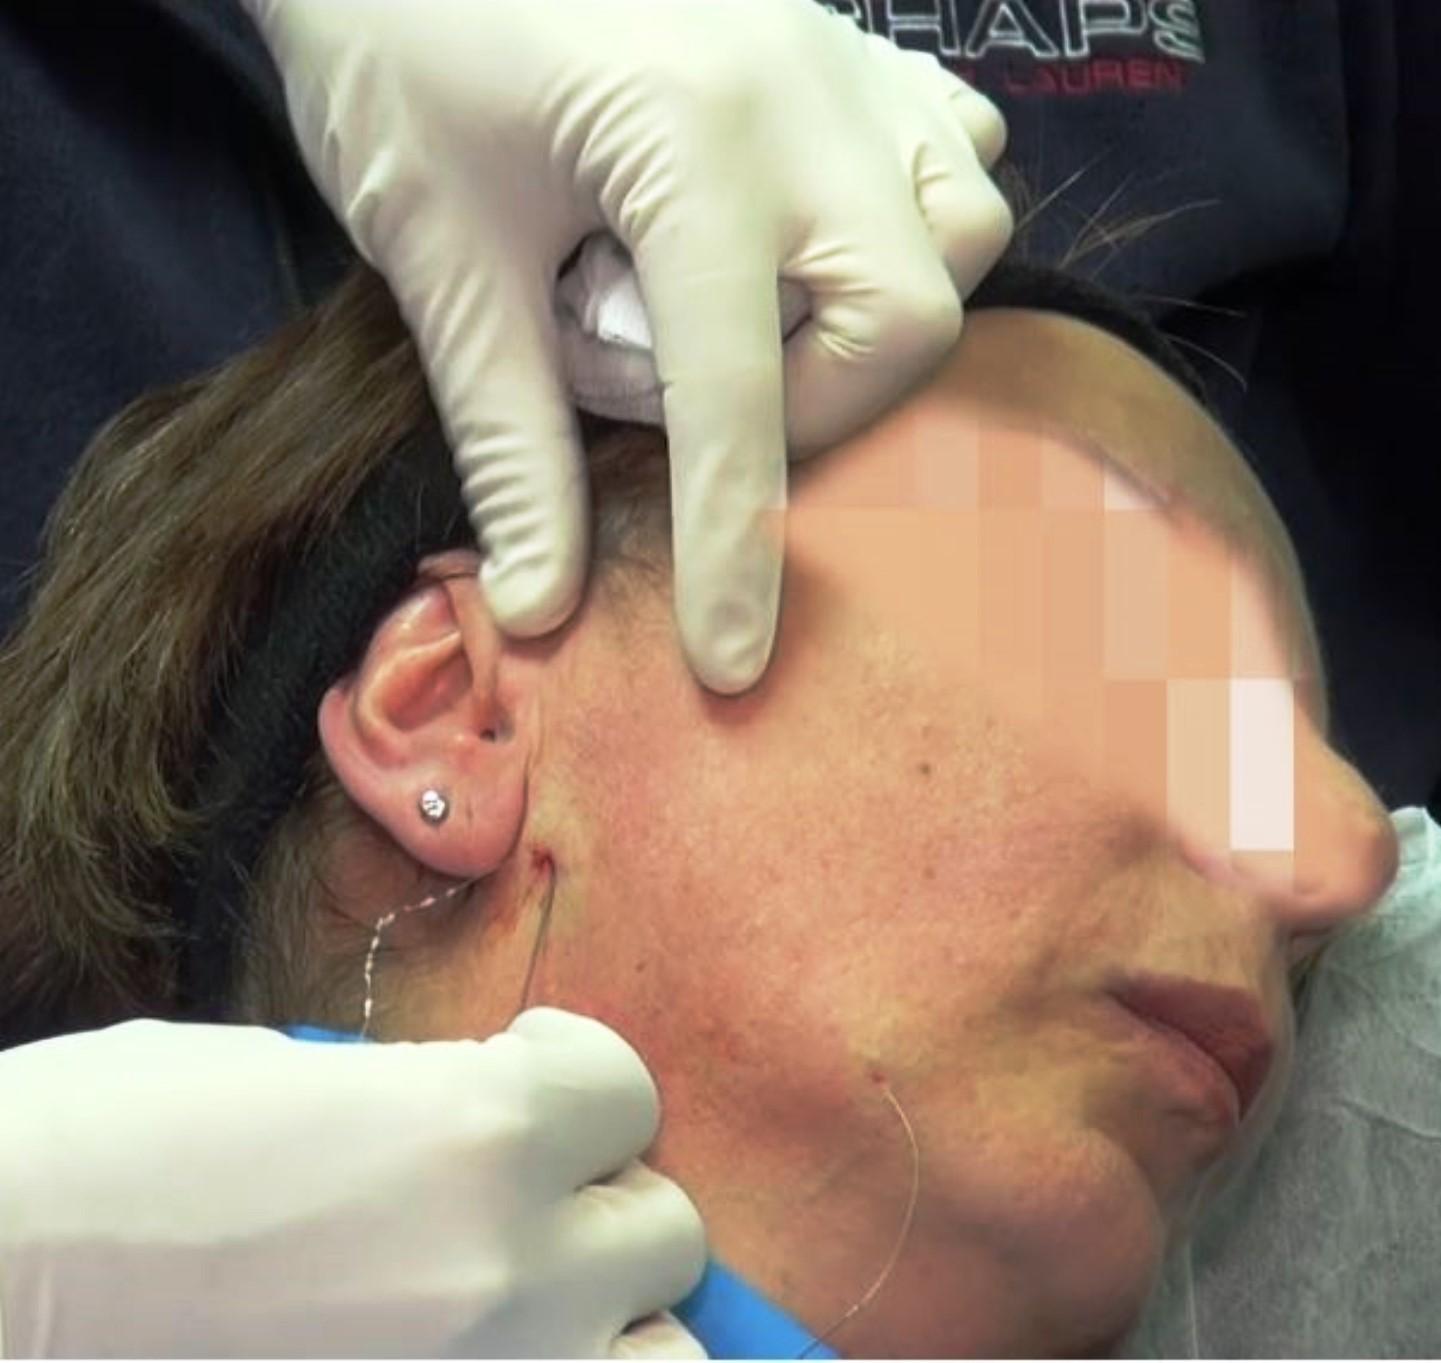 המחט מוכנסת ליד האוזן מעל הלסת